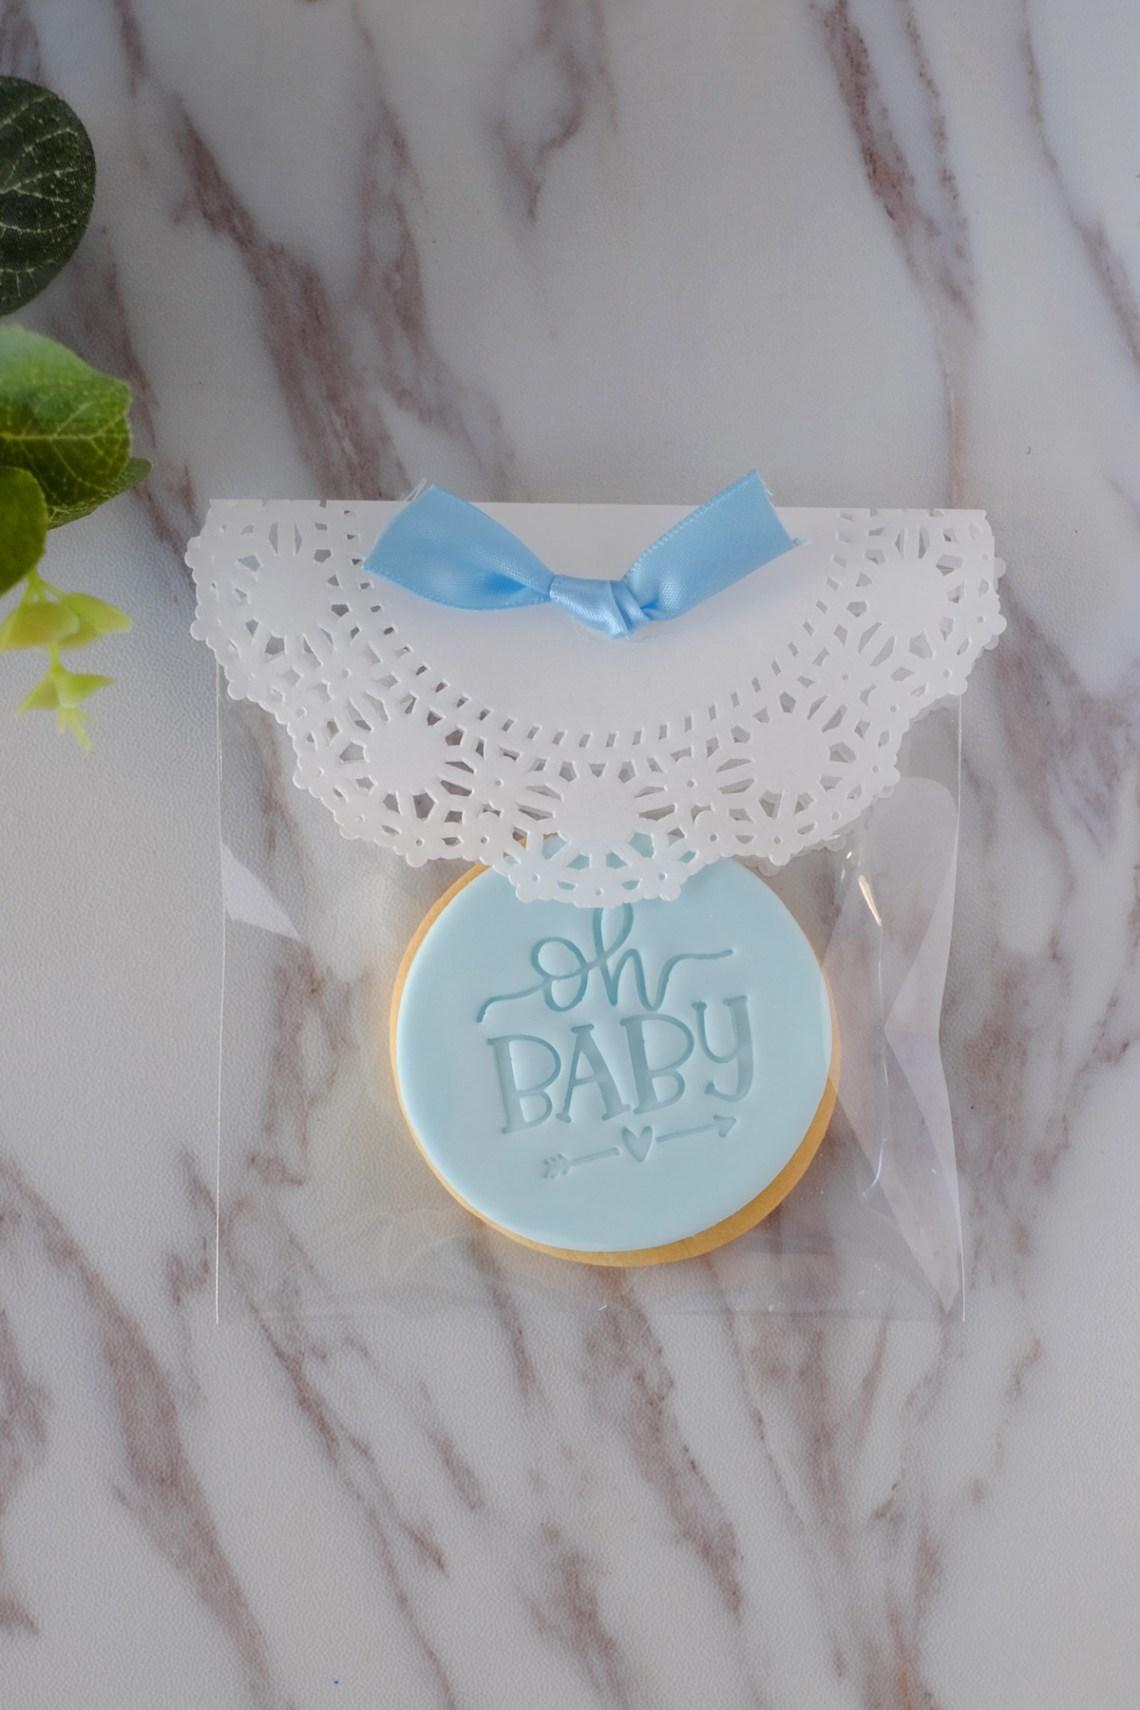 Petite Joy Bakes_Cookie Favor